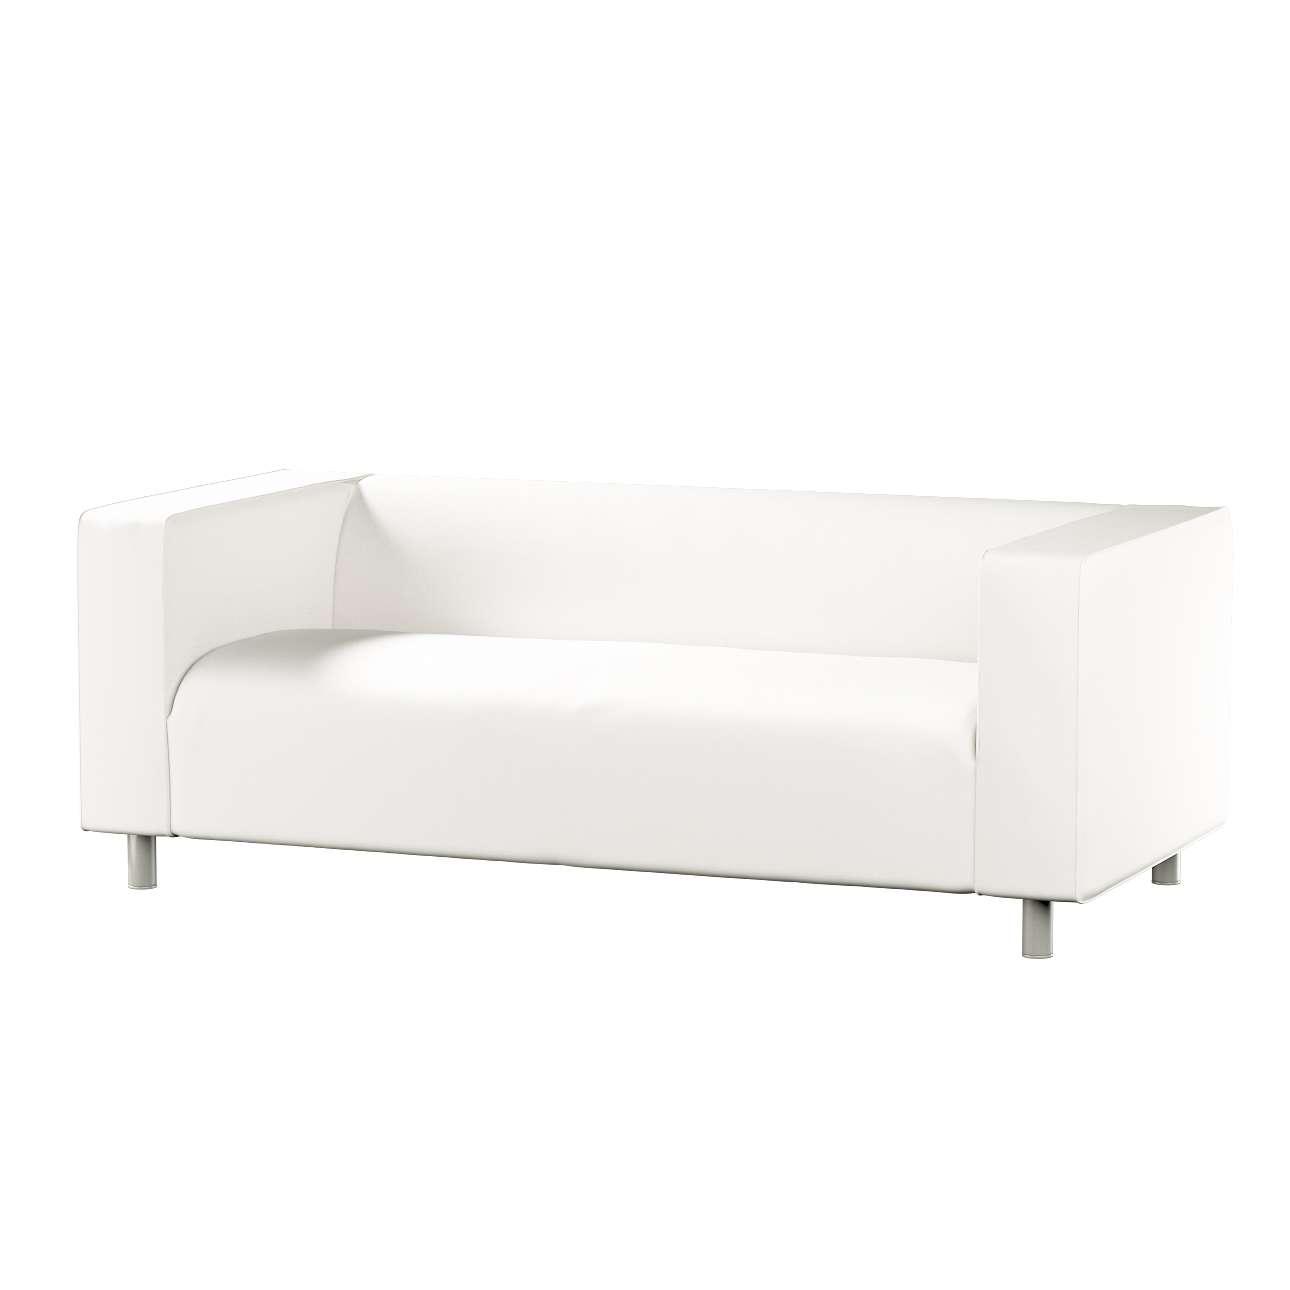 Pokrowiec na sofę Klippan 2-osobową Sofa Klippan 2-osobowa w kolekcji Cotton Panama, tkanina: 702-34